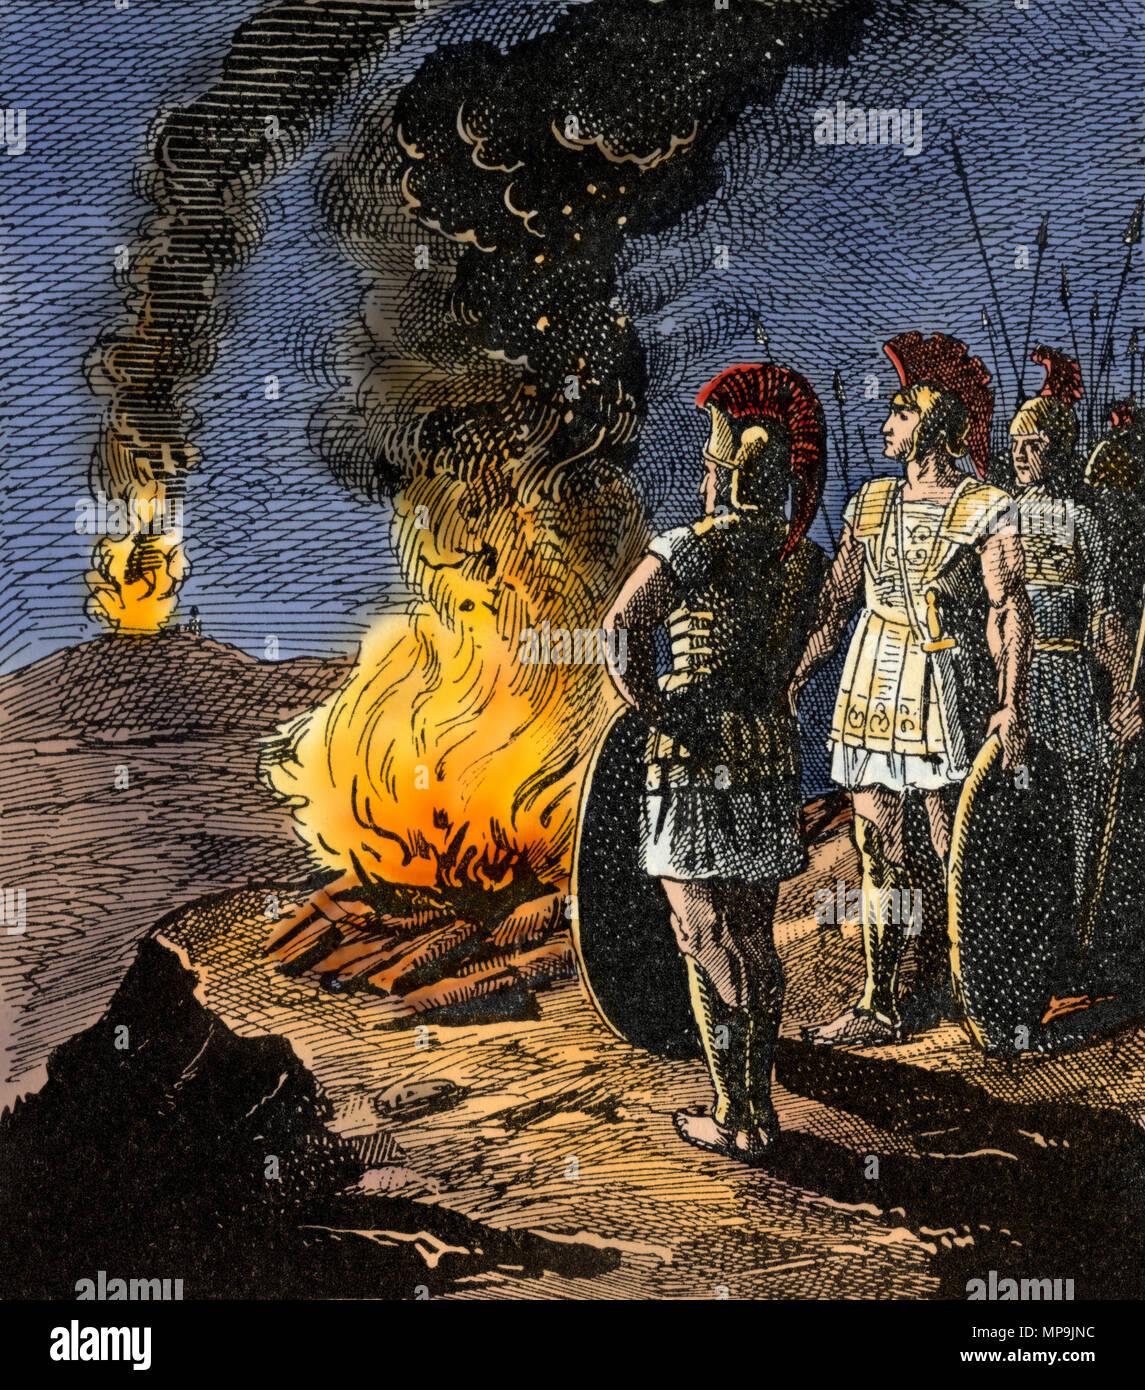 El griego antiguo militar baliza comunicándose a través de los incendios. Xilografía coloreada digitalmente Imagen De Stock